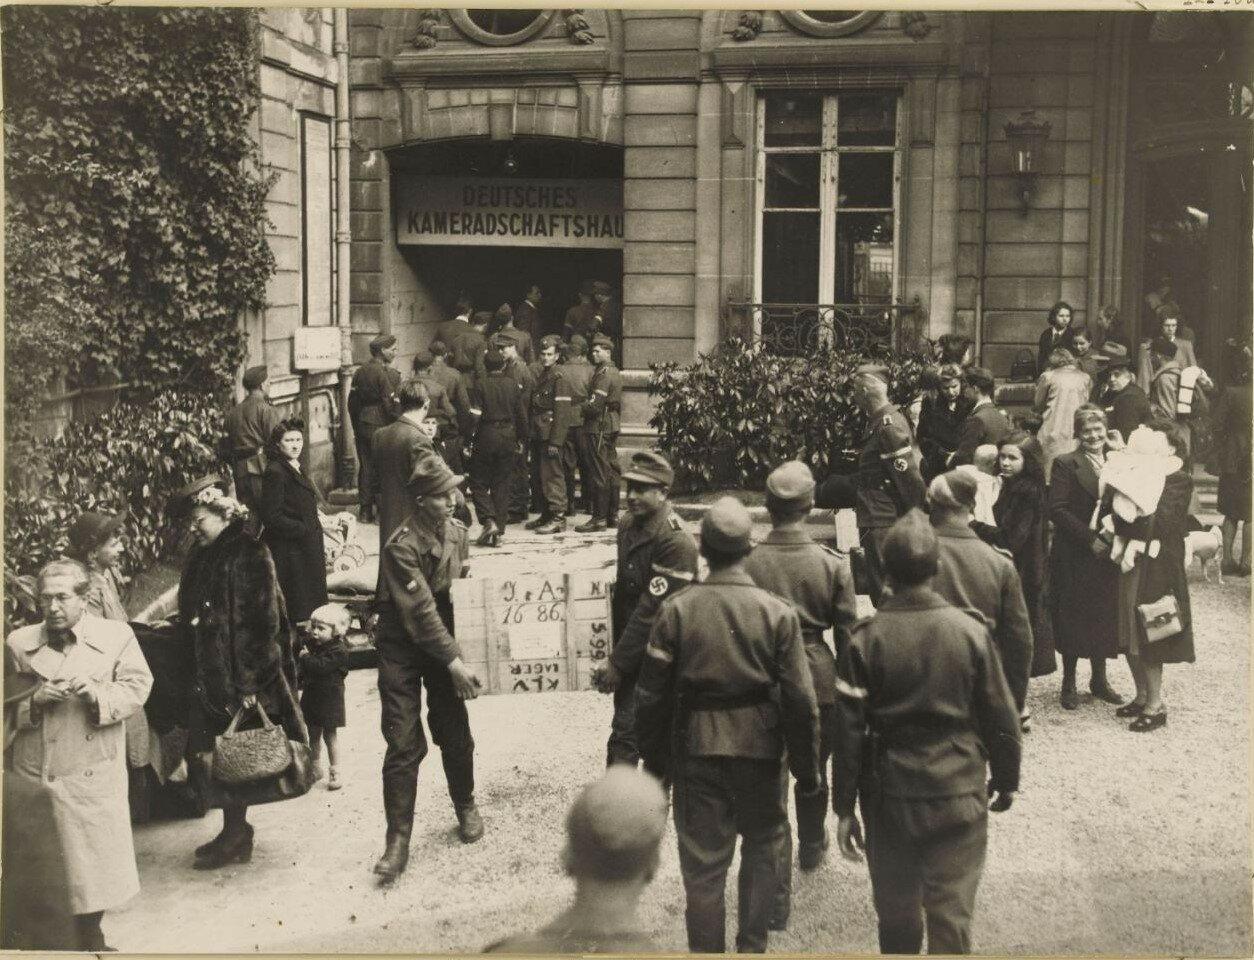 18 августа. Отъезд немецких гражданских лиц при содействия организации Тодта